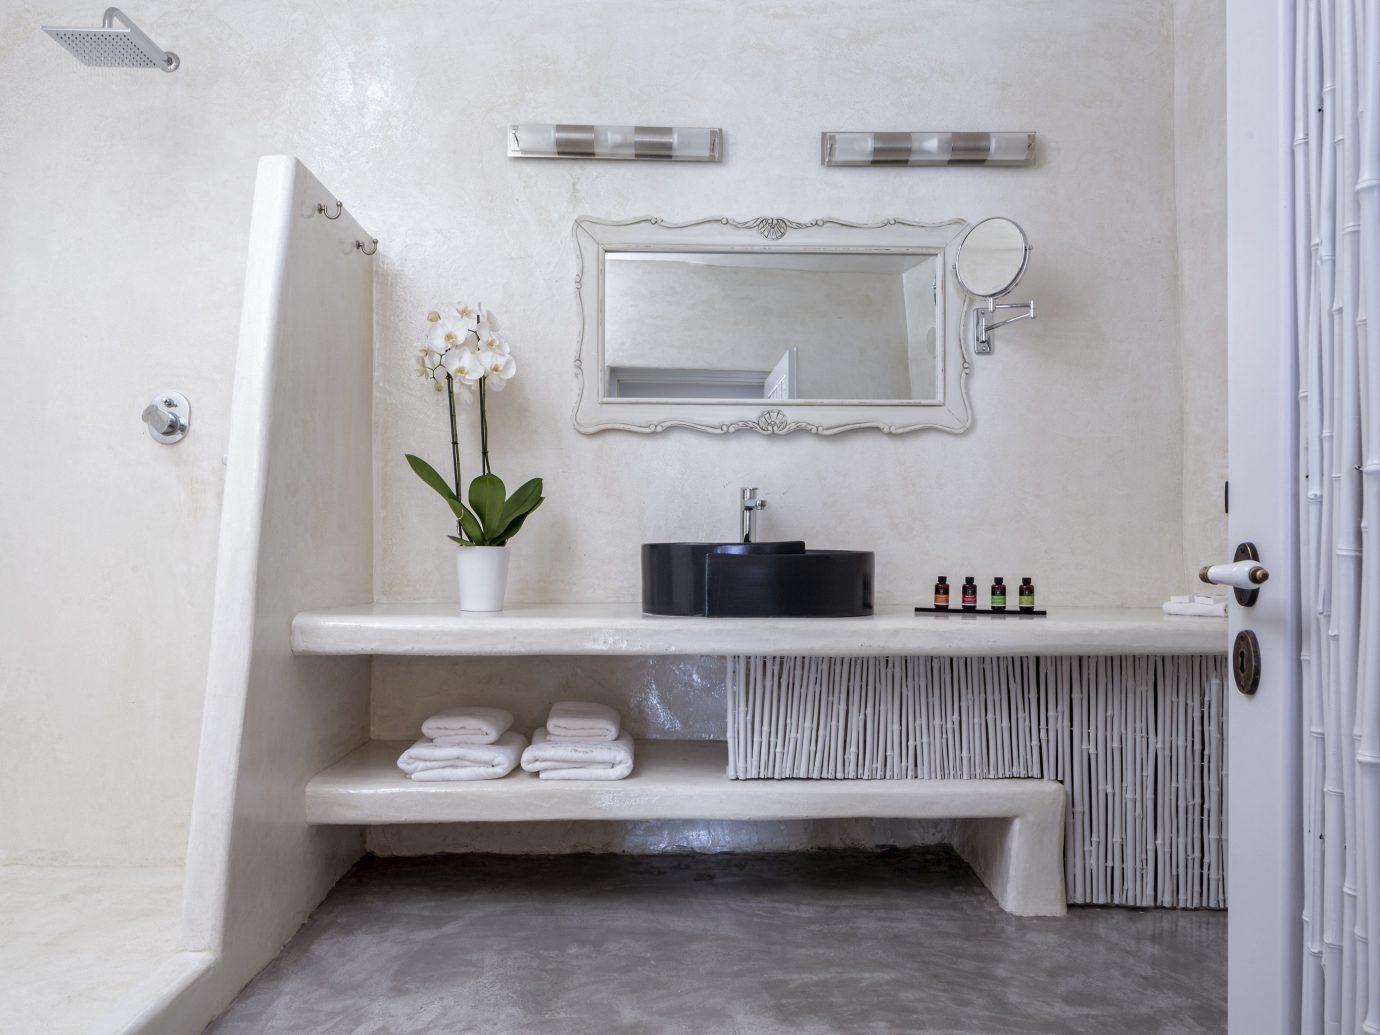 Greece Hotels Luxury Travel Santorini wall indoor bathroom room bathroom accessory sink tap floor home bathroom cabinet shelf interior design toilet plumbing fixture product design tile white flooring furniture bathroom sink shelving